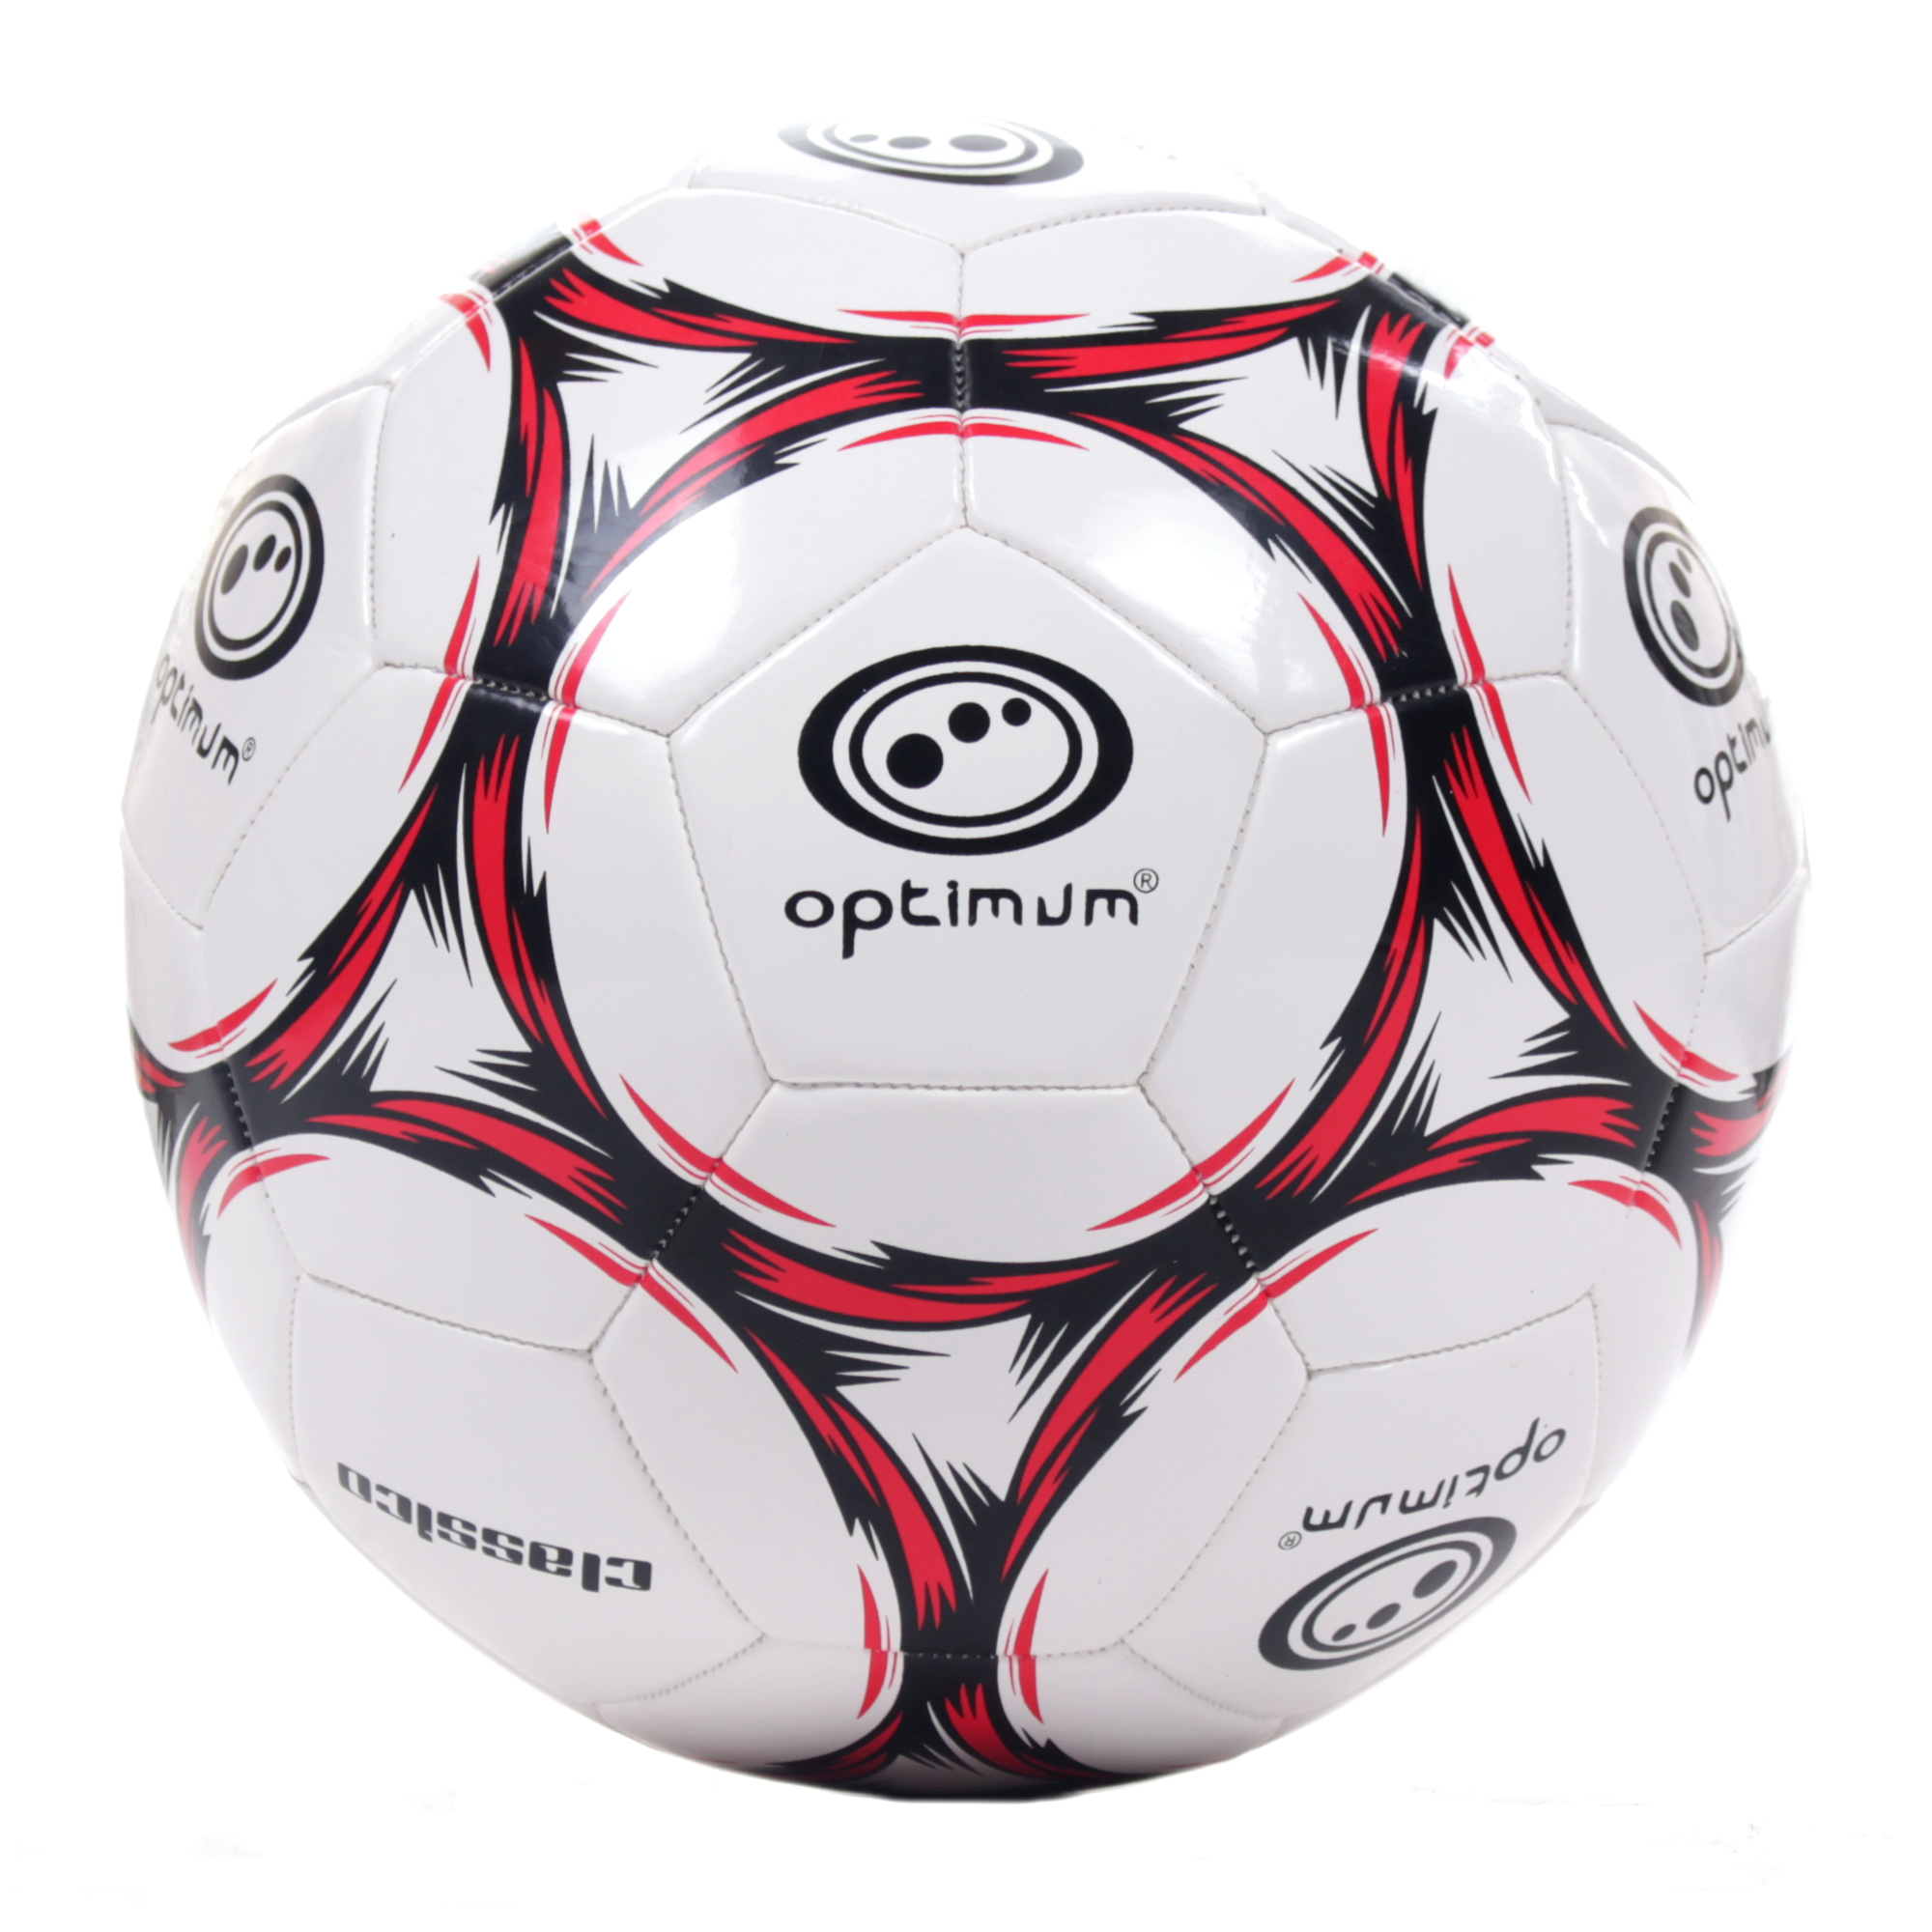 Optimum-Classico-Football-Soccer-Ball thumbnail 14